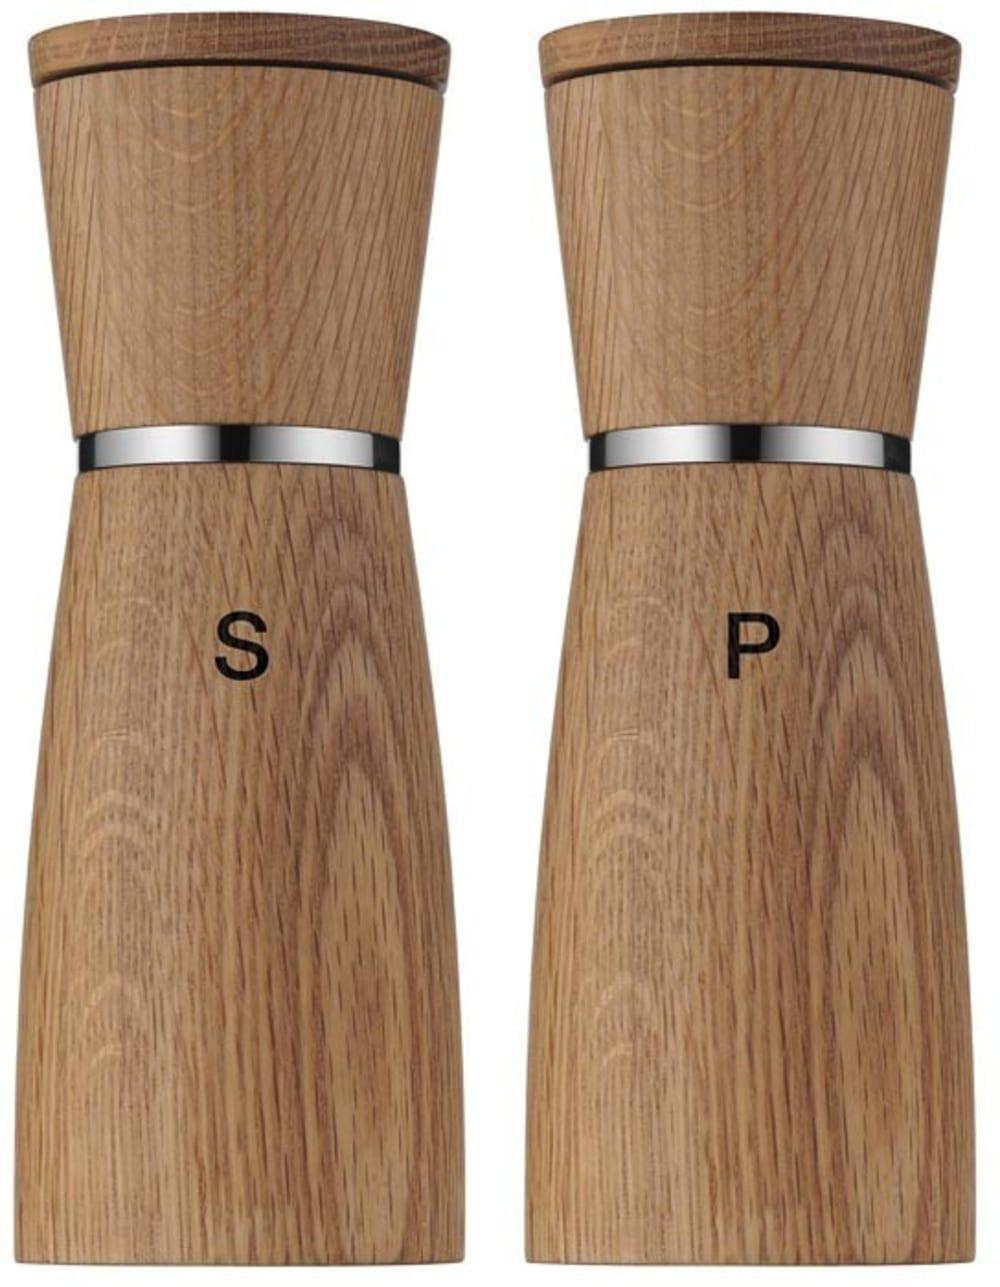 WMF - Zestaw 2 młynków drewnianych Ceramill Natura